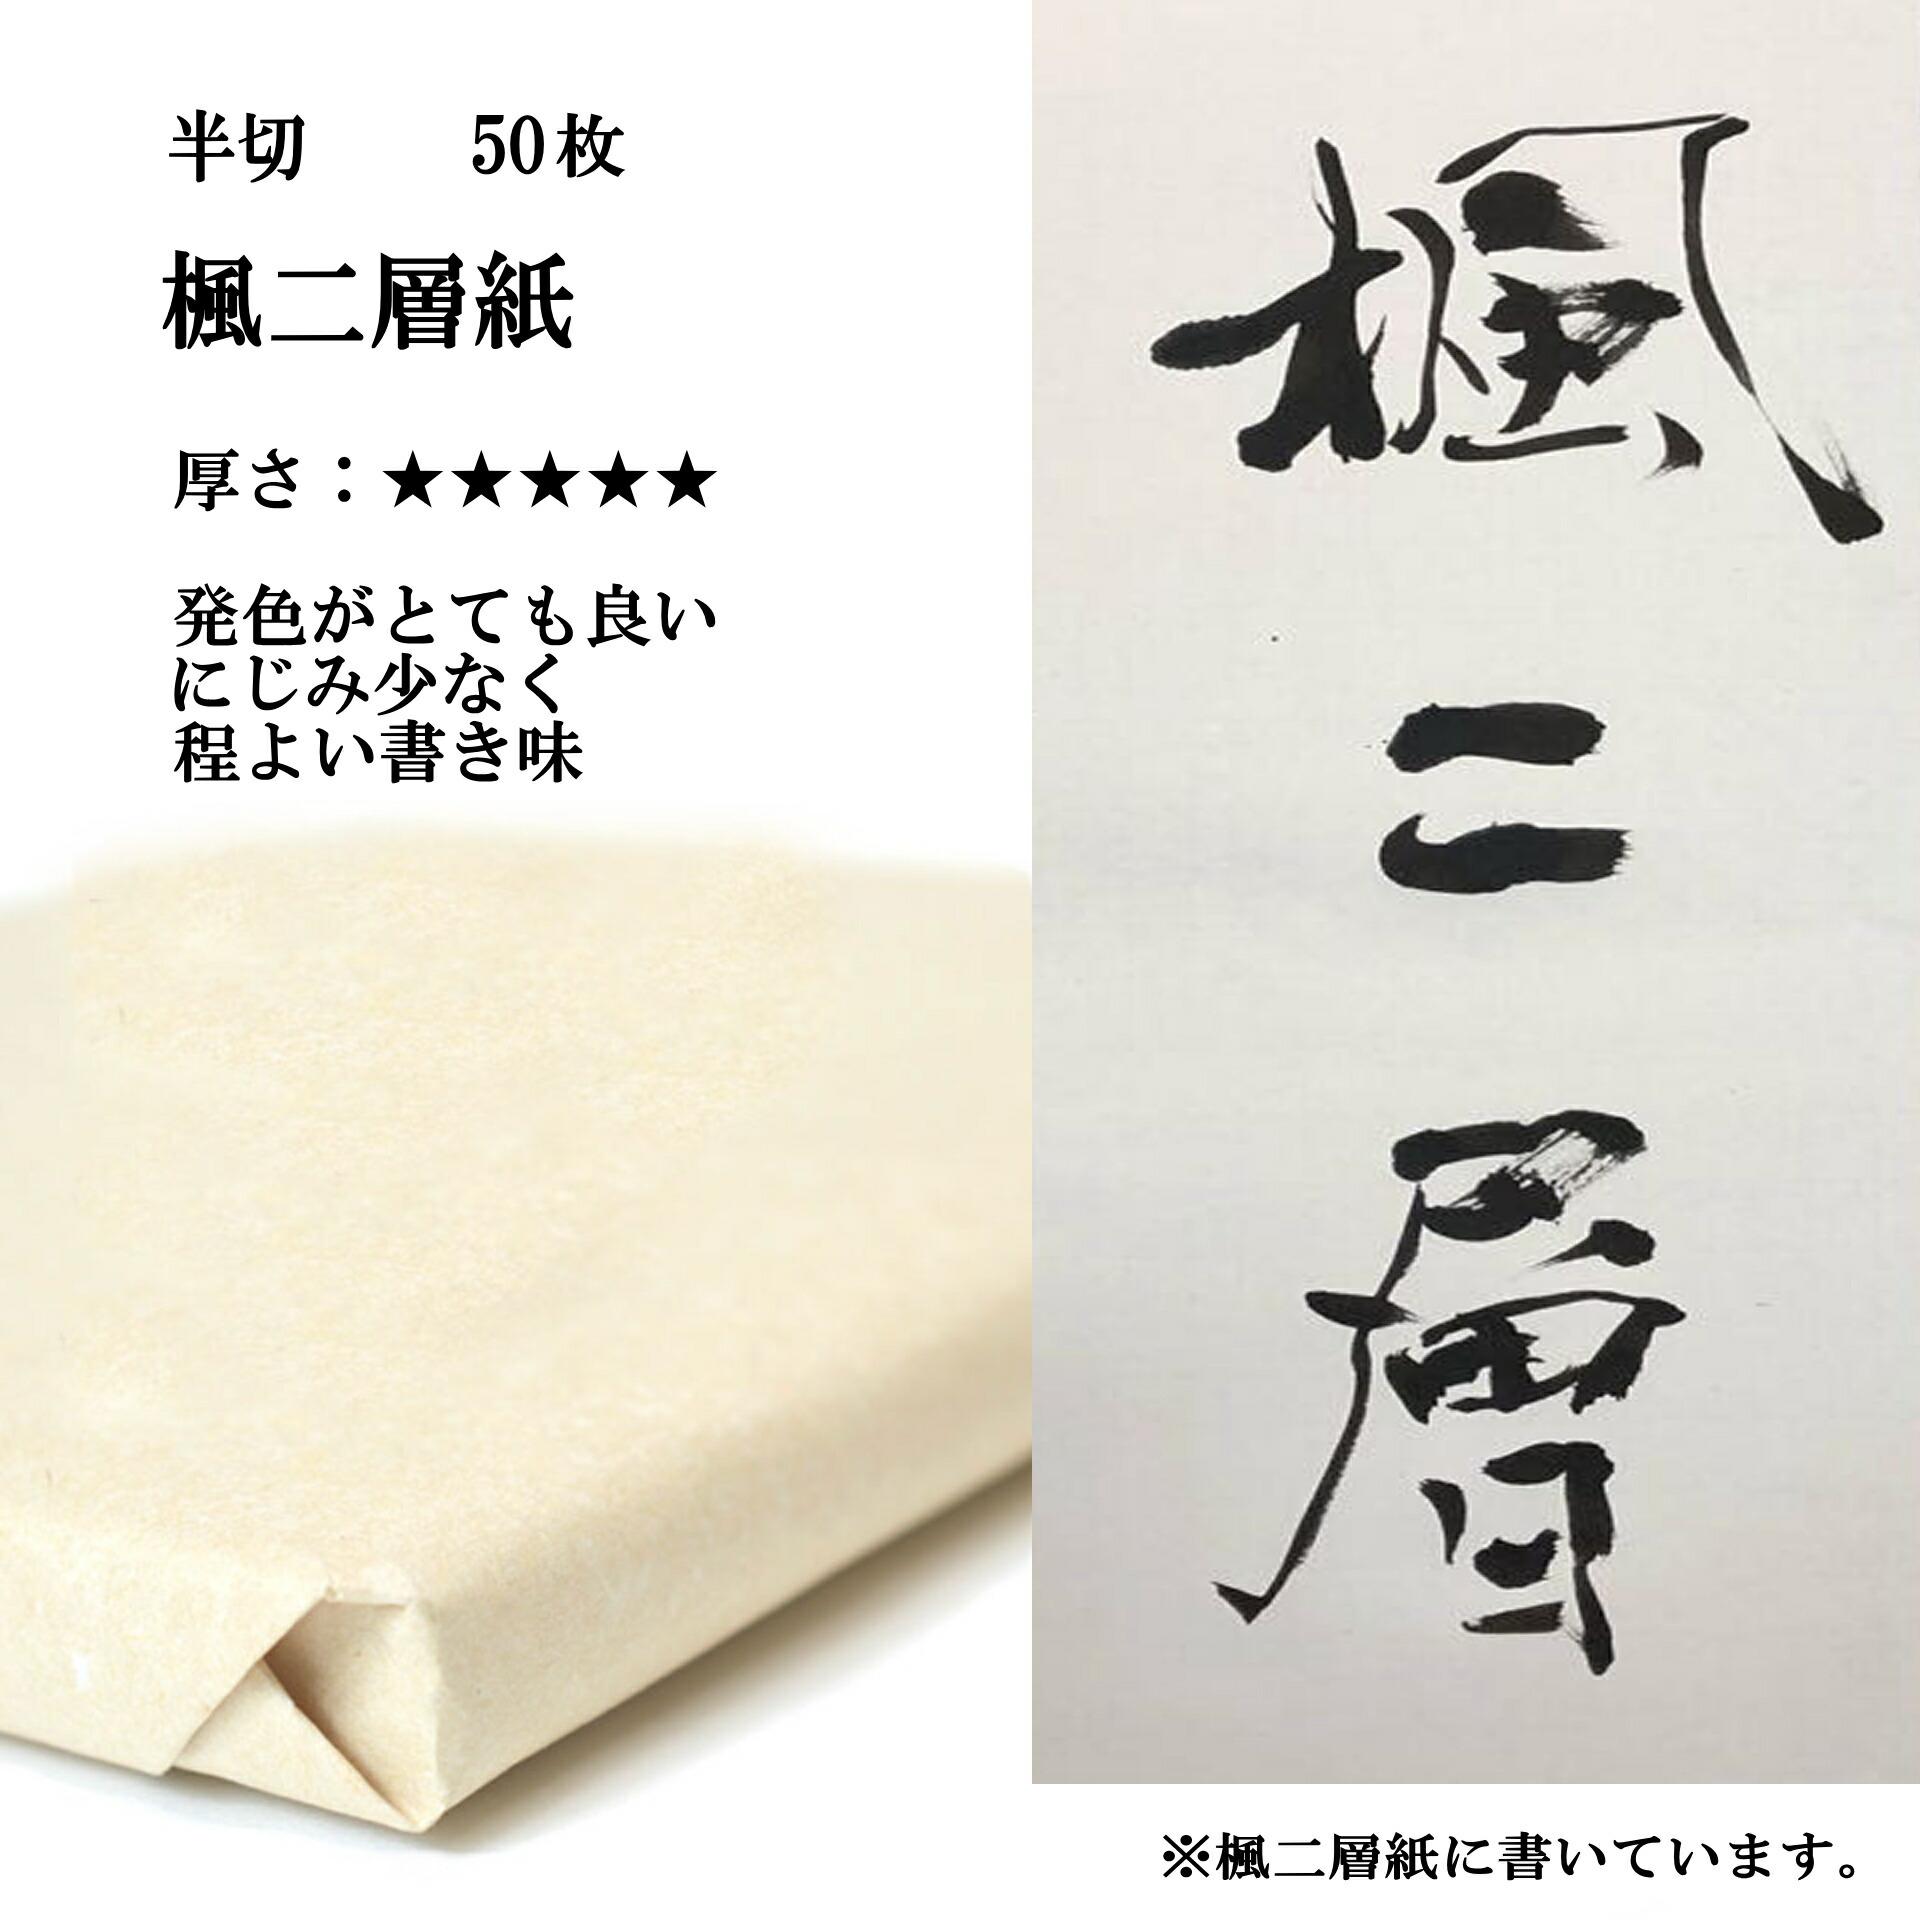 手漉き画仙紙 楓二層紙 50枚